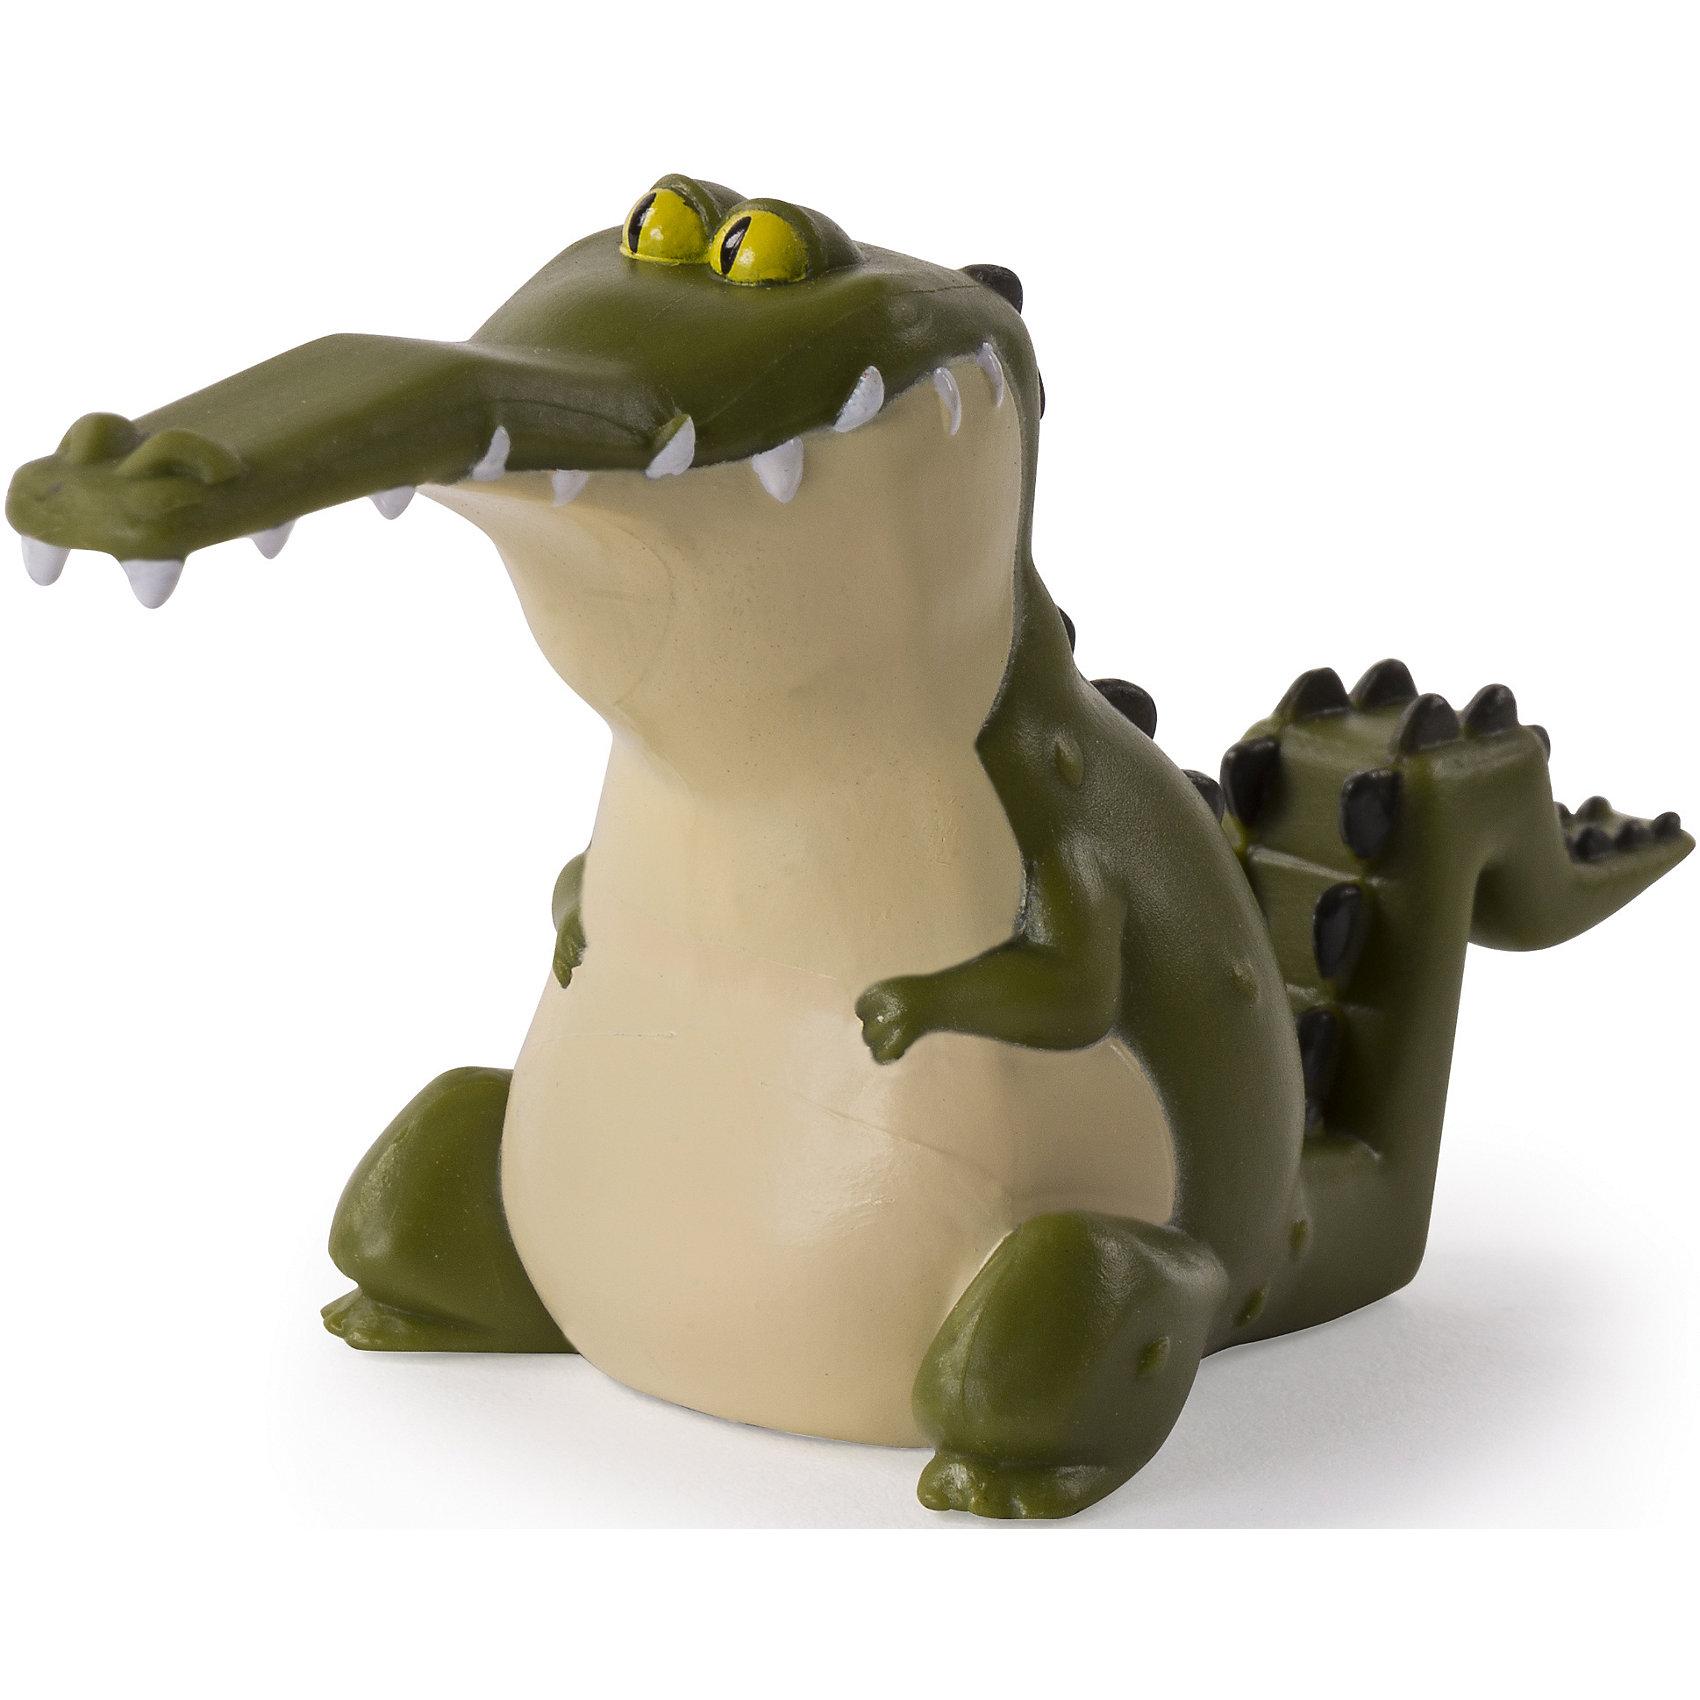 Мини-фигурка Крокодил, Тайная жизнь домашних животныхХарактеристики игрушки:<br><br>• Предназначение: для сюжетно-ролевых и подвижных игр, для коллекционирования<br>• Пол: универсальный<br>• Цвет: зеленый, бежевый<br>• Материал: пластик<br>• Вес: 80 гр.<br>• Размеры: 3-5 см<br><br>Мини-фигурка Крокодил, Тайная жизнь домашних животных от канадского торгового бренда Spin Master выполнена из качественного пластика, окрашенного экологически безопасными красками. Фигурка крокодила полностью повторяет облик своего экранного протопипа из фильма Тайная жизнь домашних животных. Мини-фигурки можно использовать в сюжетно-ролевых играх и воспроизвести полюбившиеся сюжеты из фильма или придумать свои истории со знаменитыми героями. Сюжетно-ролевые игры с мини-фигурками будут способствовать развитию коммуникативной речи, воображения и фантазии.<br><br>Мини-фигурку Крокодила, Тайная жизнь домашних животных можно купить в нашем интернет-магазине.<br><br>Подробнее:<br>Для детей в возрасте: от 3 и до 12 лет<br>Номер товара: 4905842<br>Страна производитель: Китай<br><br>Ширина мм: 95<br>Глубина мм: 145<br>Высота мм: 20<br>Вес г: 25<br>Возраст от месяцев: 36<br>Возраст до месяцев: 144<br>Пол: Унисекс<br>Возраст: Детский<br>SKU: 4905842